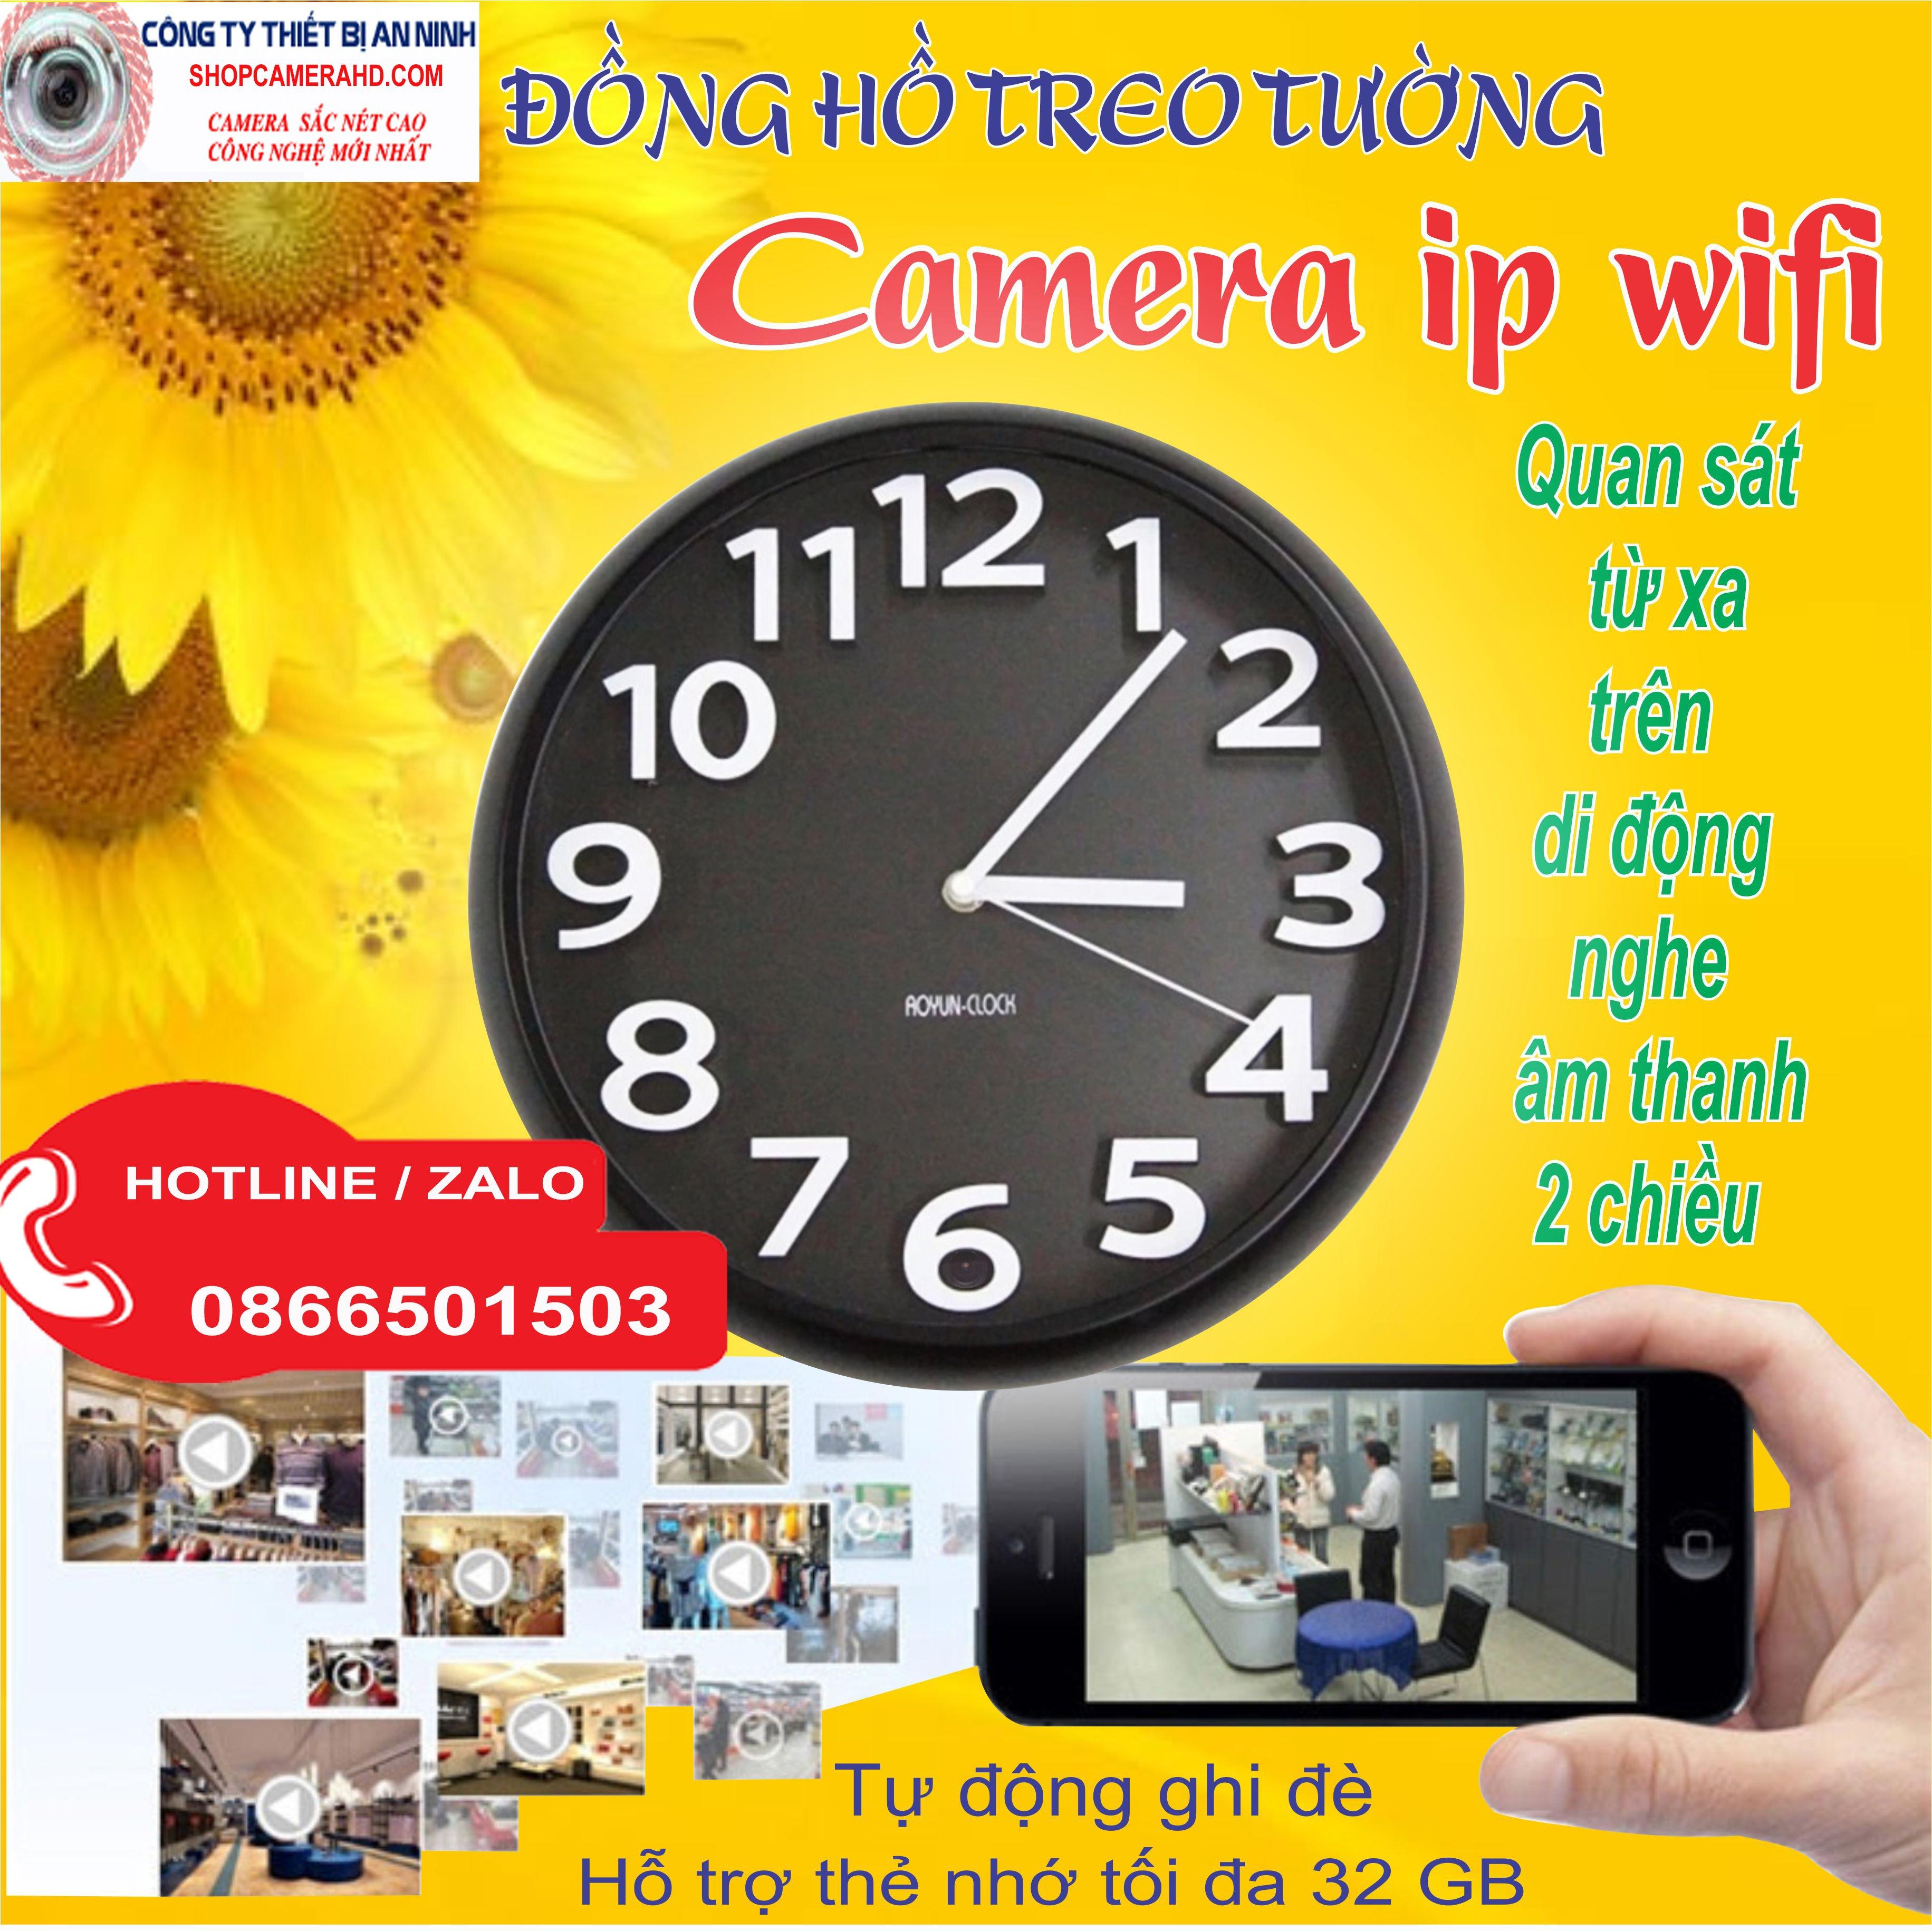 camera wifi ngụy trang đồng hồ treo tường quan sát qua điện thoại